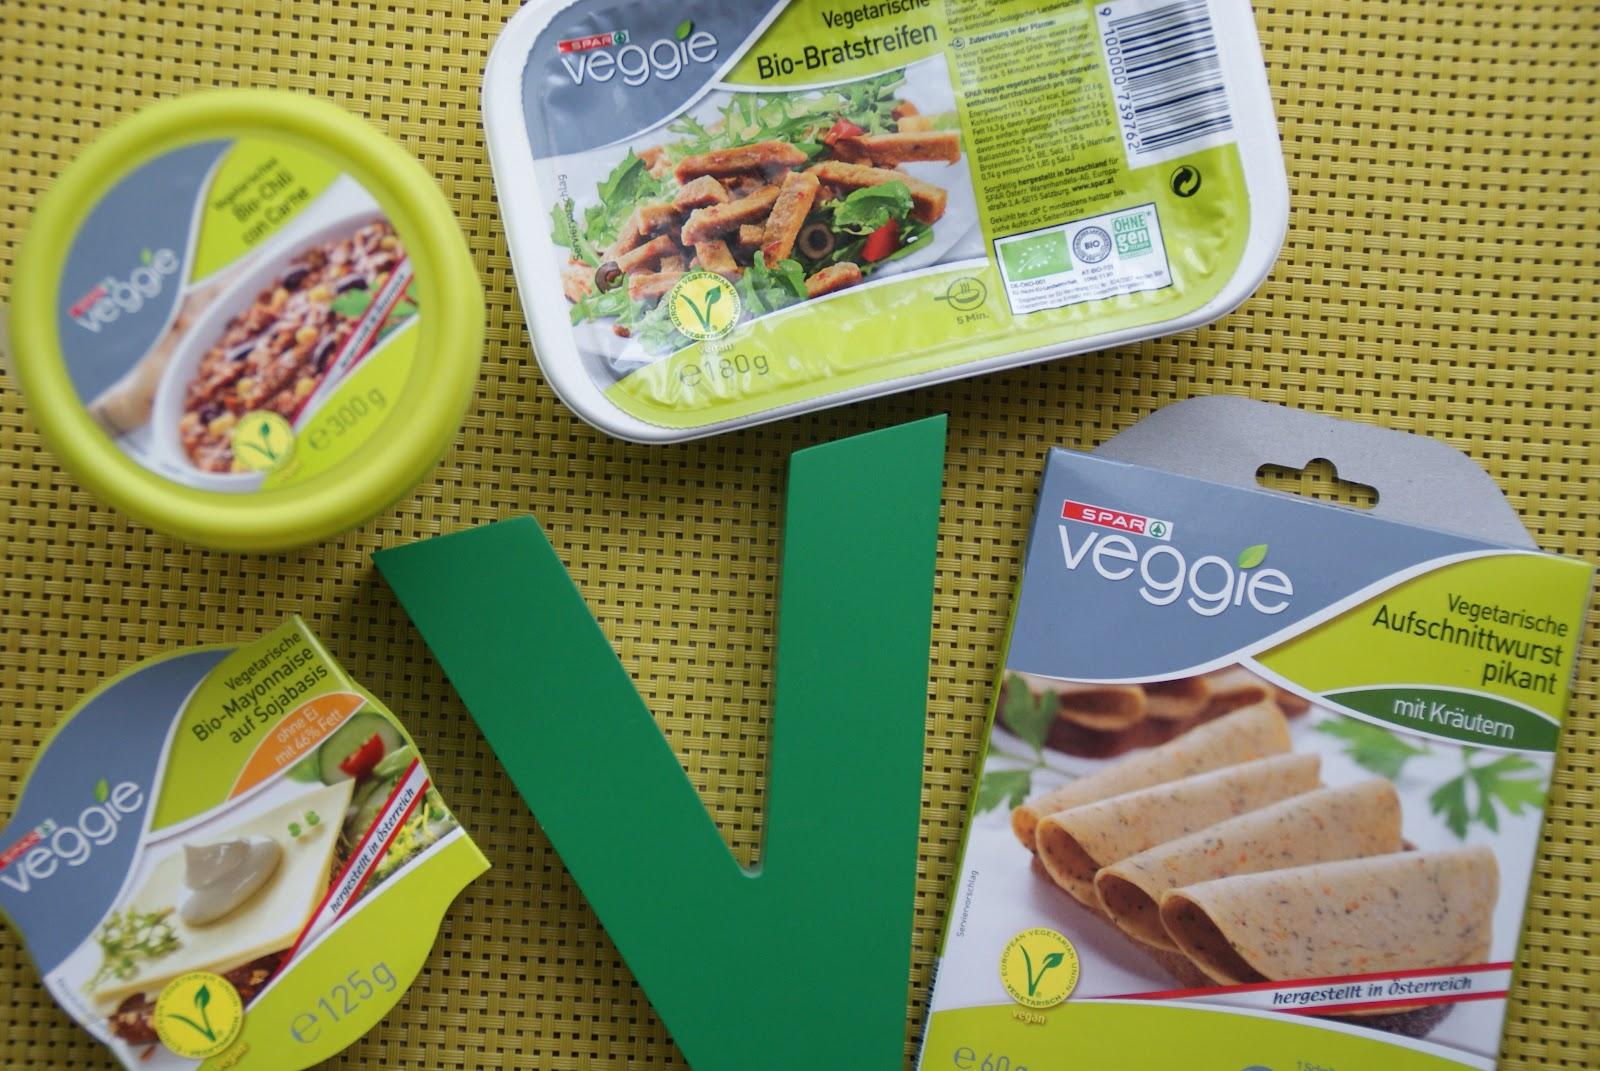 spar veggie vegan einkaufen im supermarkt. Black Bedroom Furniture Sets. Home Design Ideas